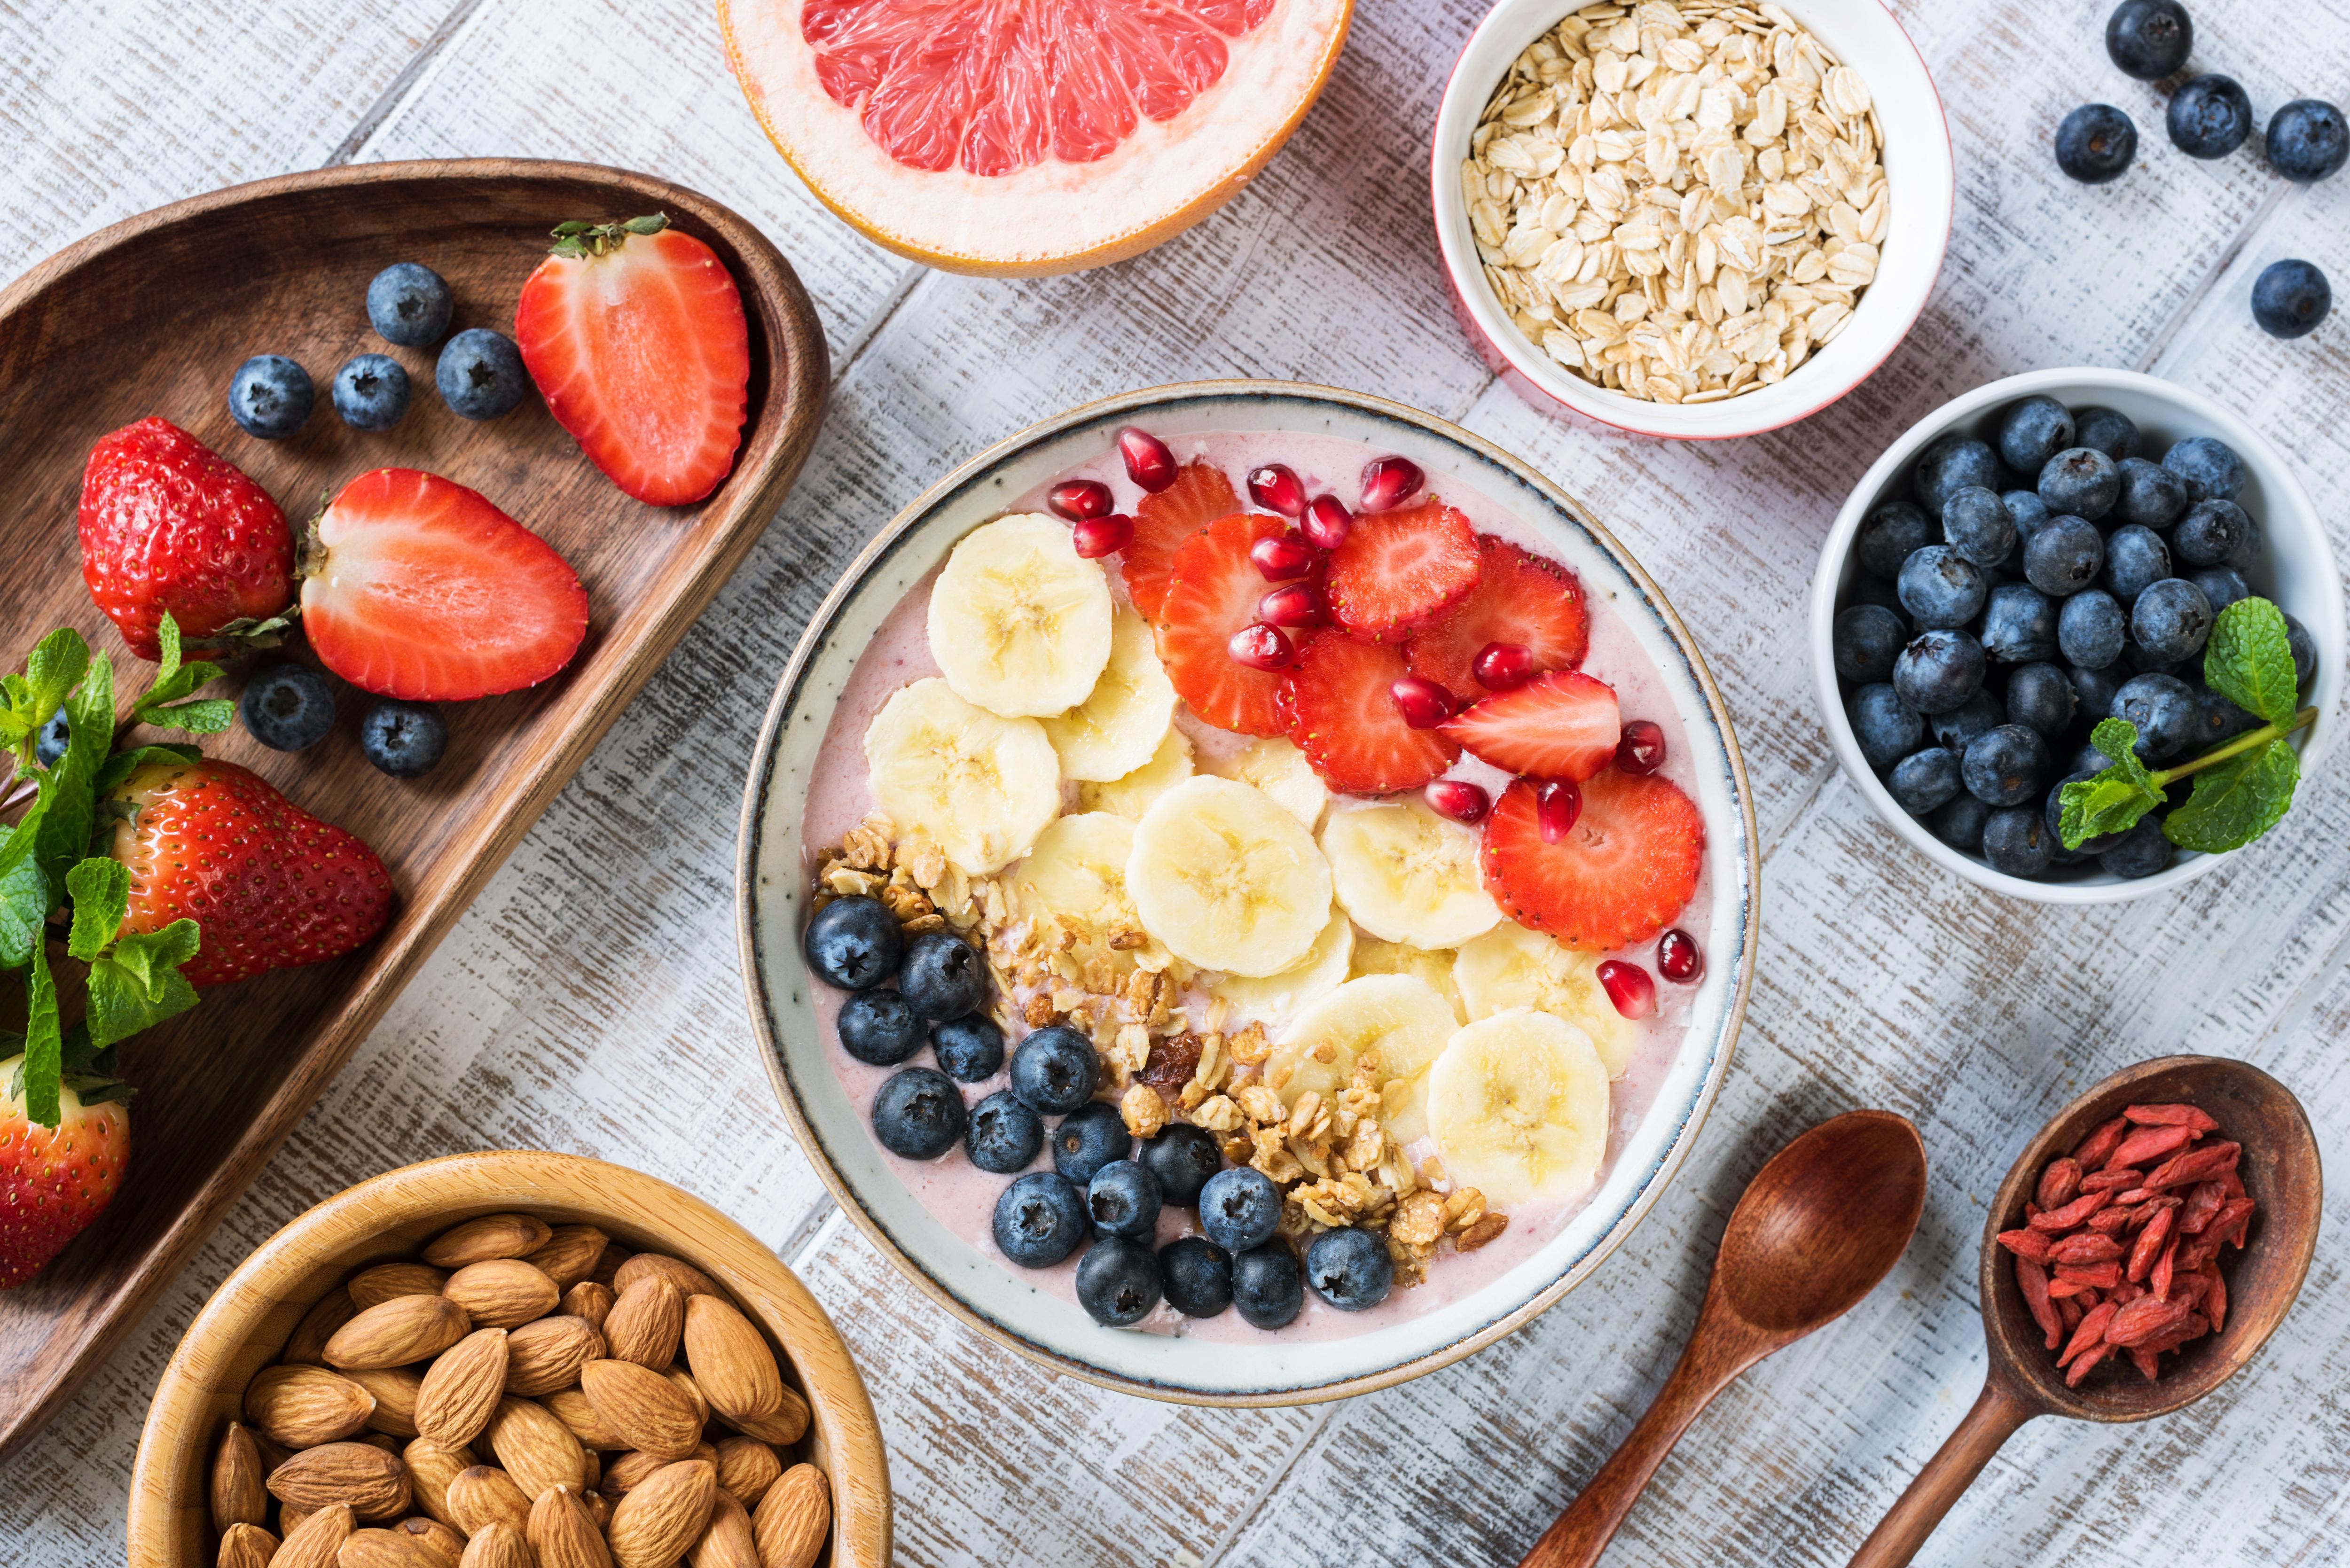 Is Adult Yogurt Harmful to Infants?